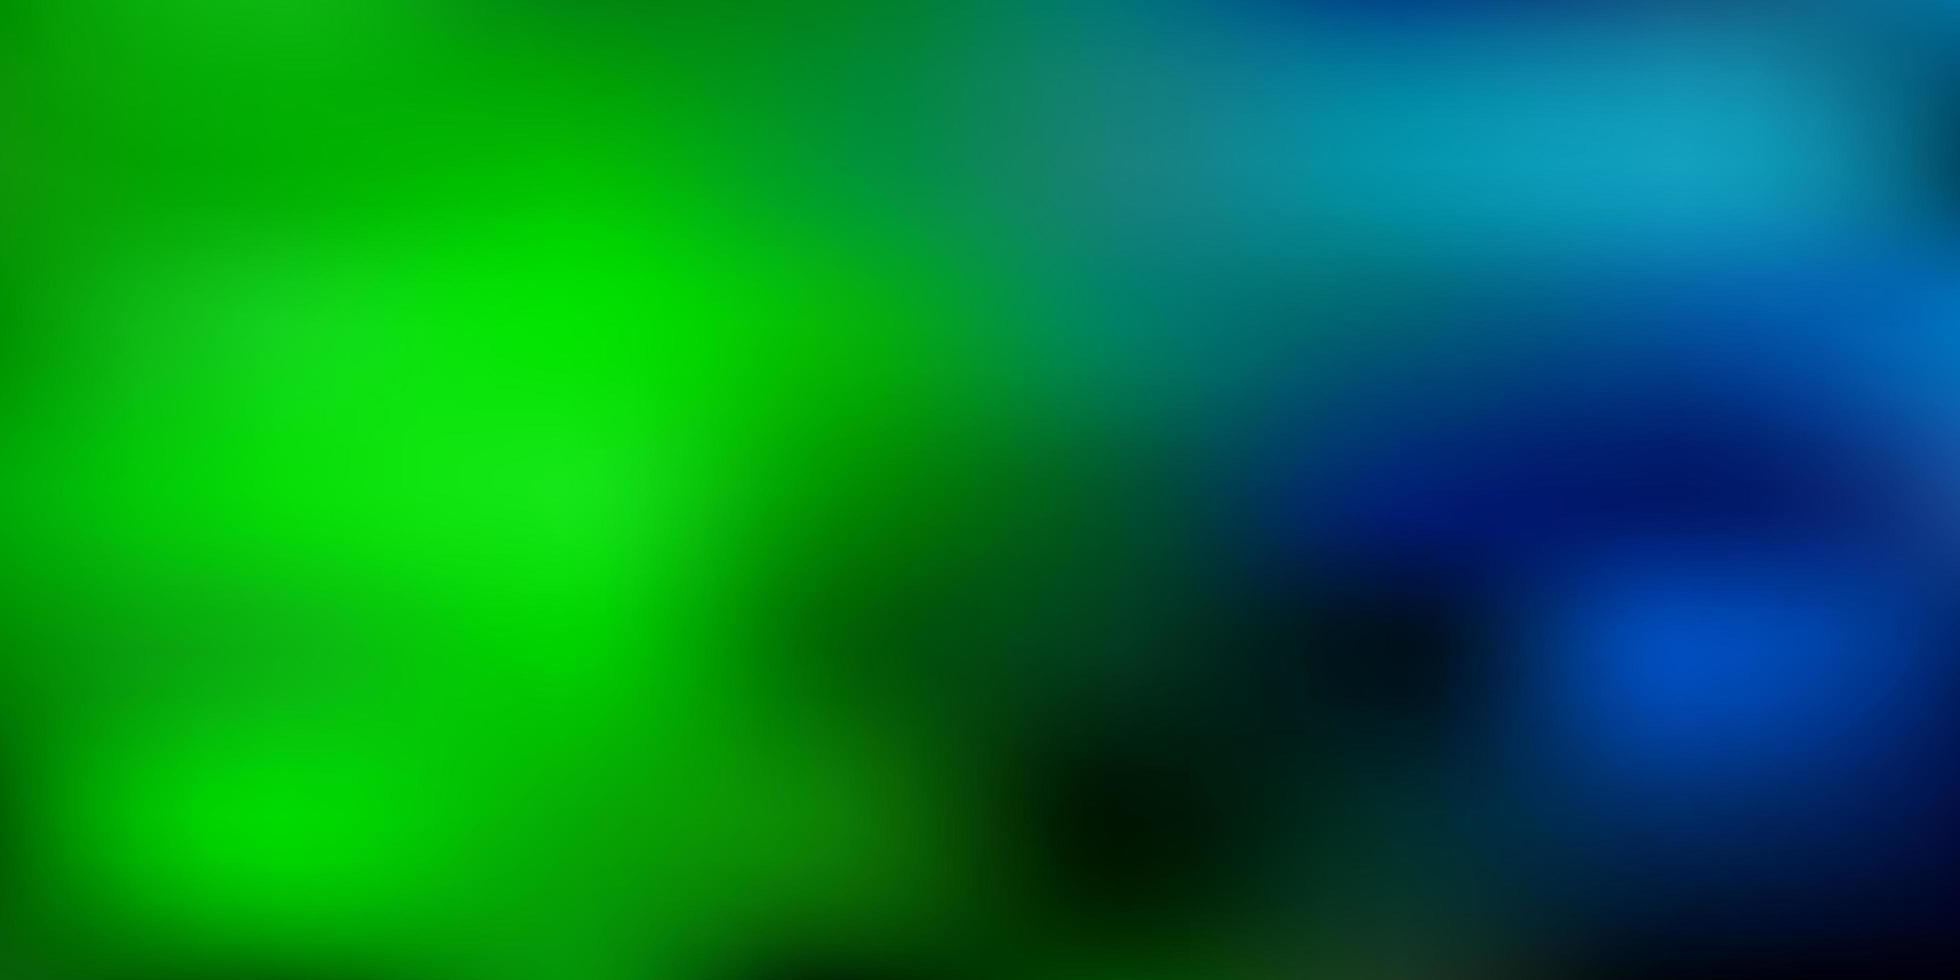 luz azul, verde abstrato do vetor desfocar o fundo.